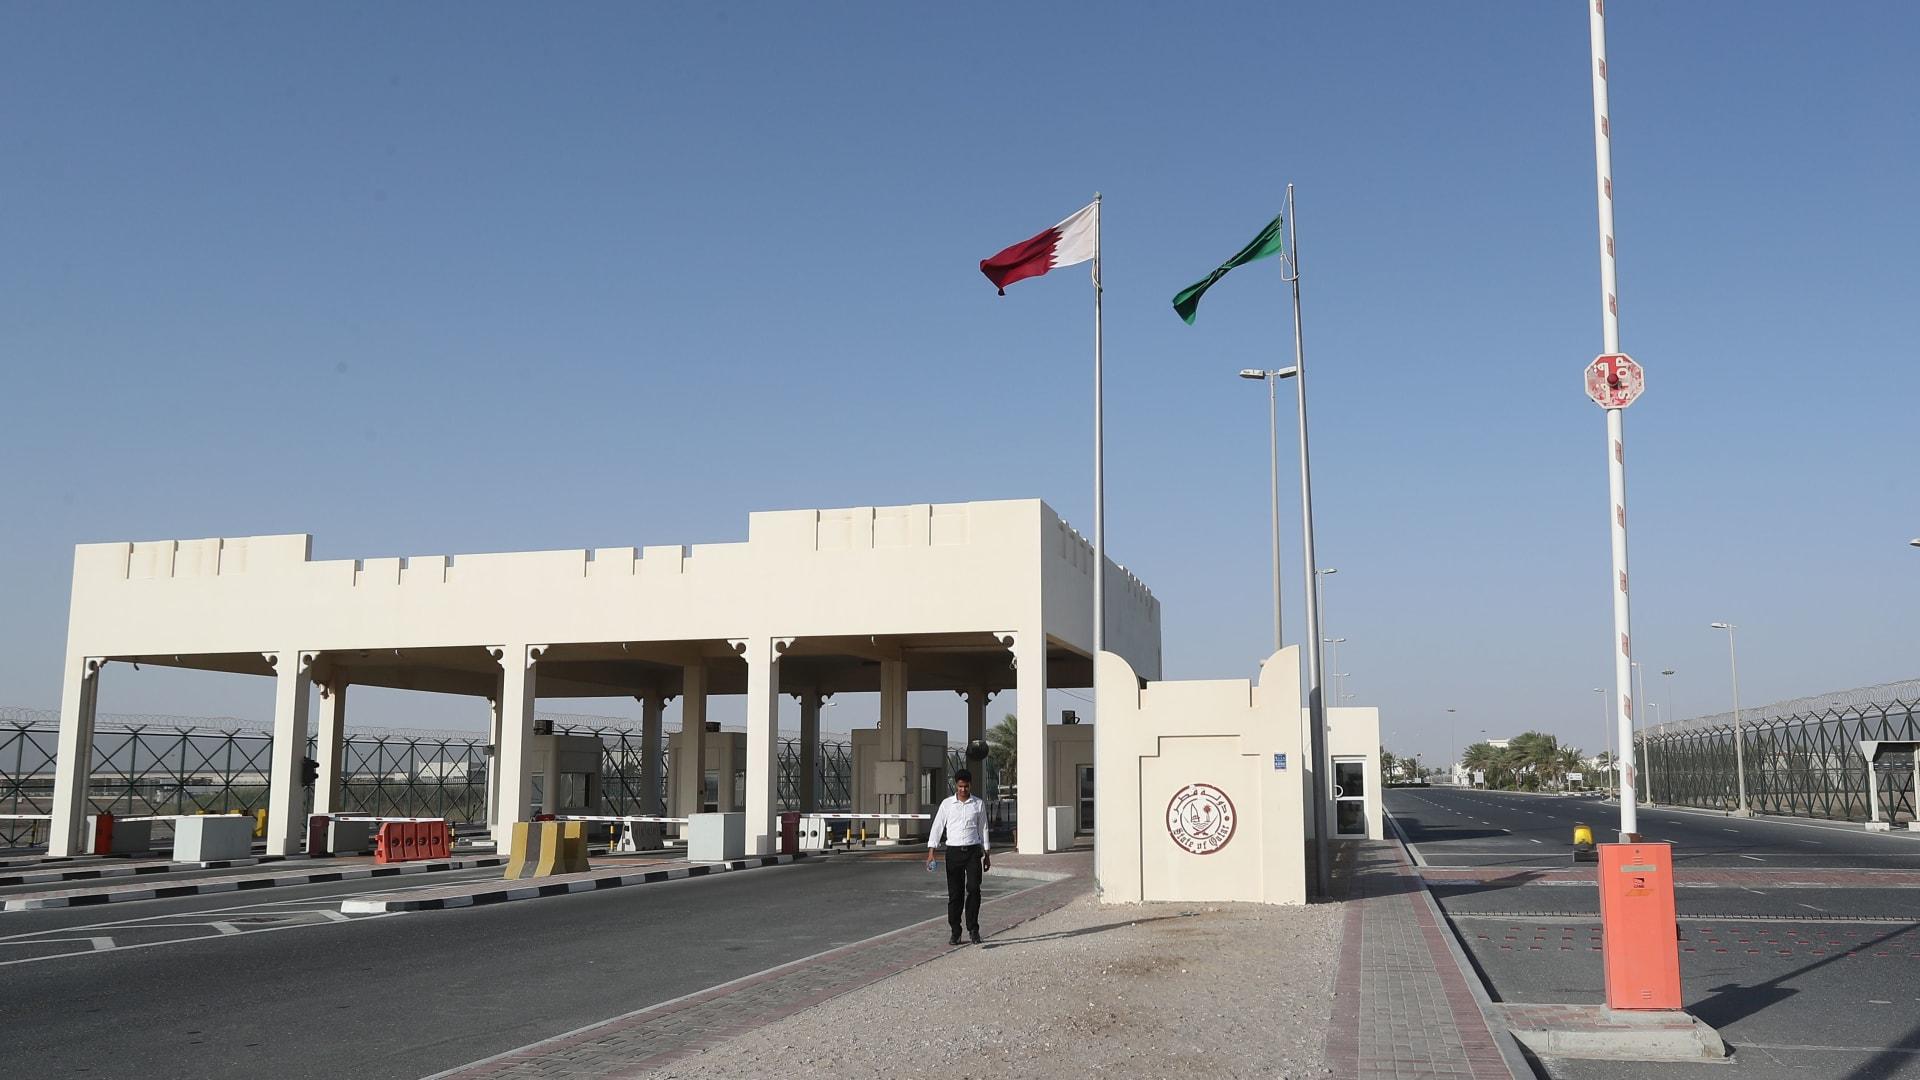 شاهد.. موقف السعودية من حجاج قطر وإيران في موسم 2018